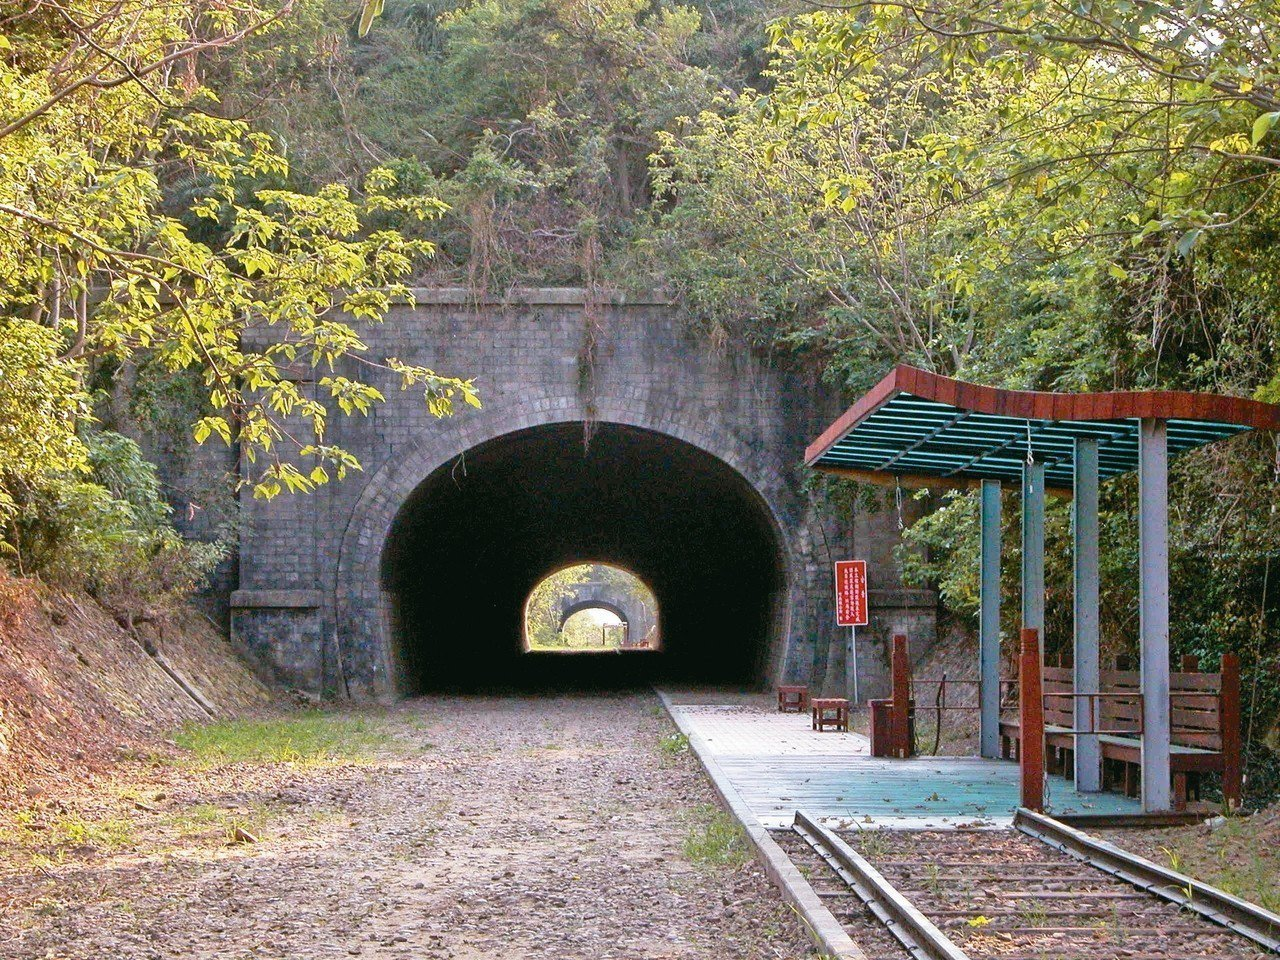 苗栗縣竹南鎮崎頂1號、2號舊隧道形成「子母隧道」景觀,被縣府登錄公告為歷史建築。...